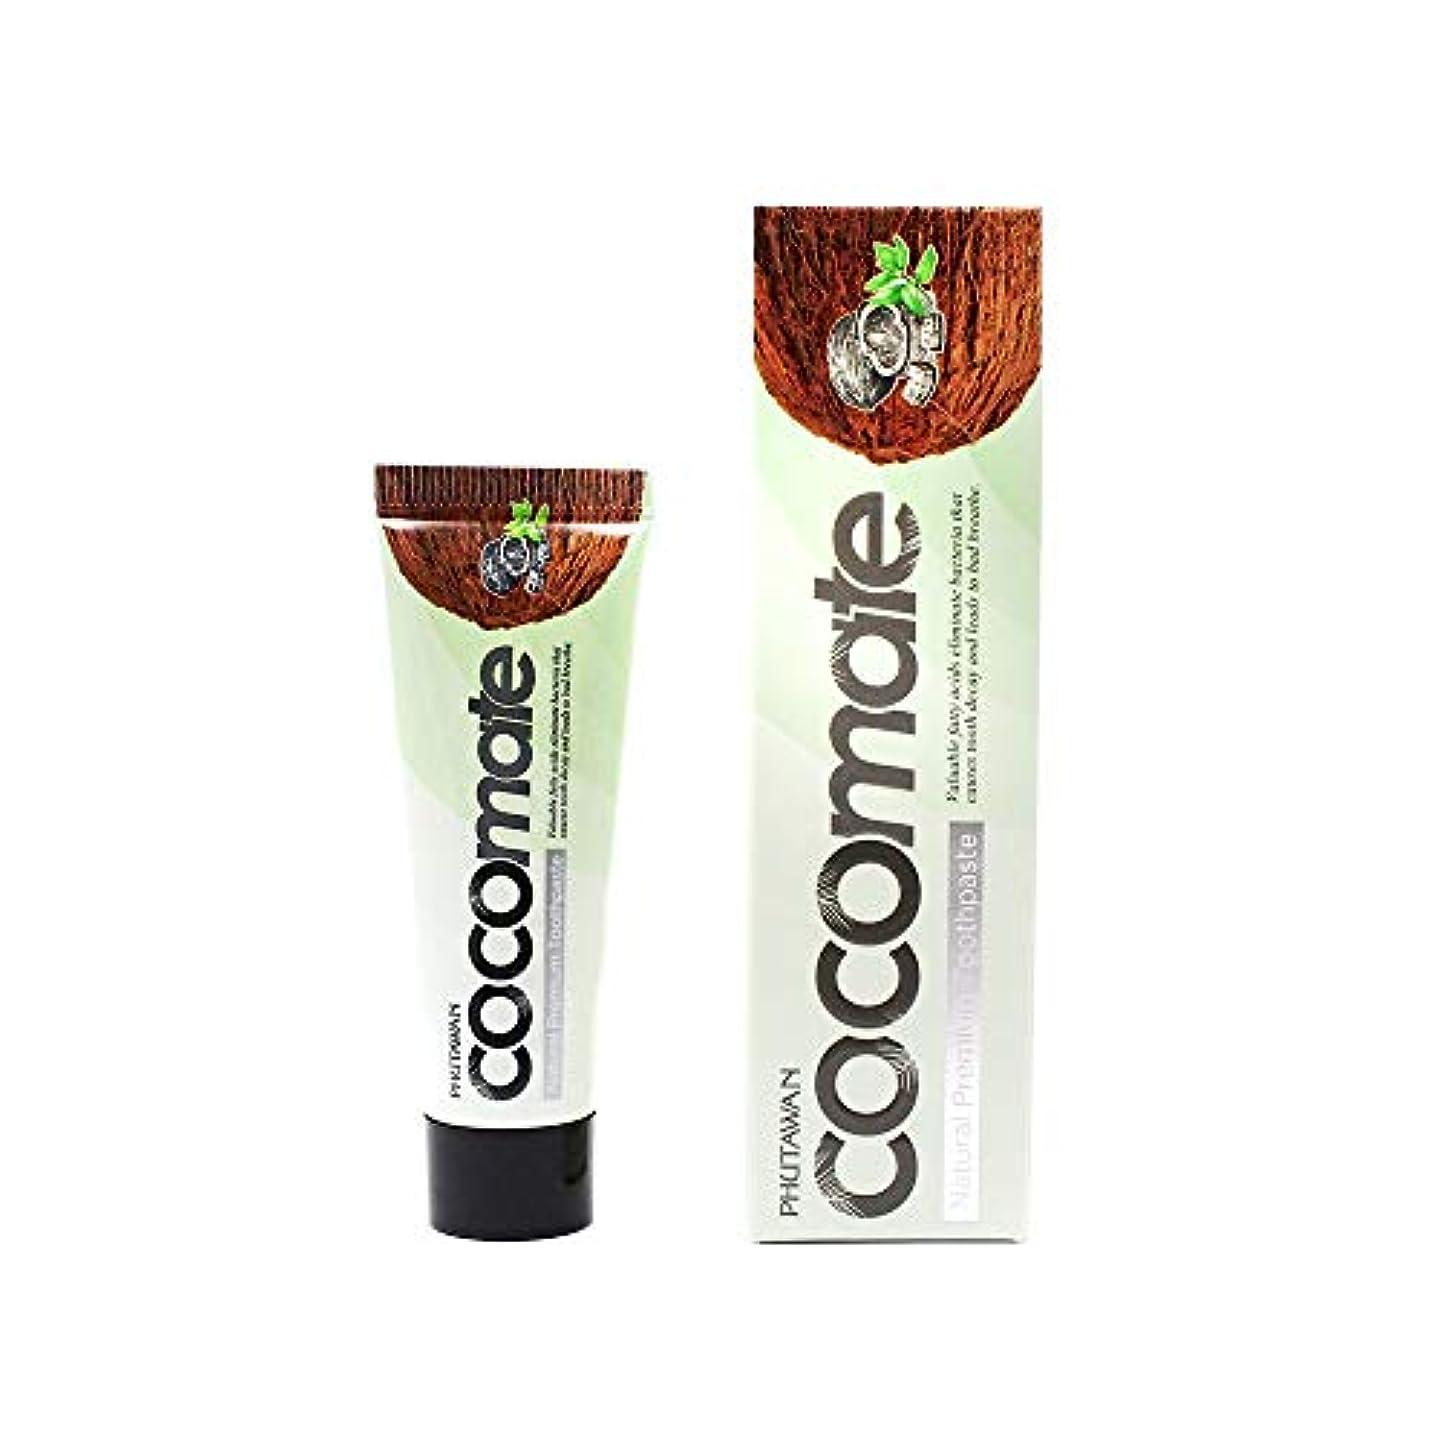 脱臼するギャングネックレス歯磨き粉 Cocomate Natural Premium Toothpaste